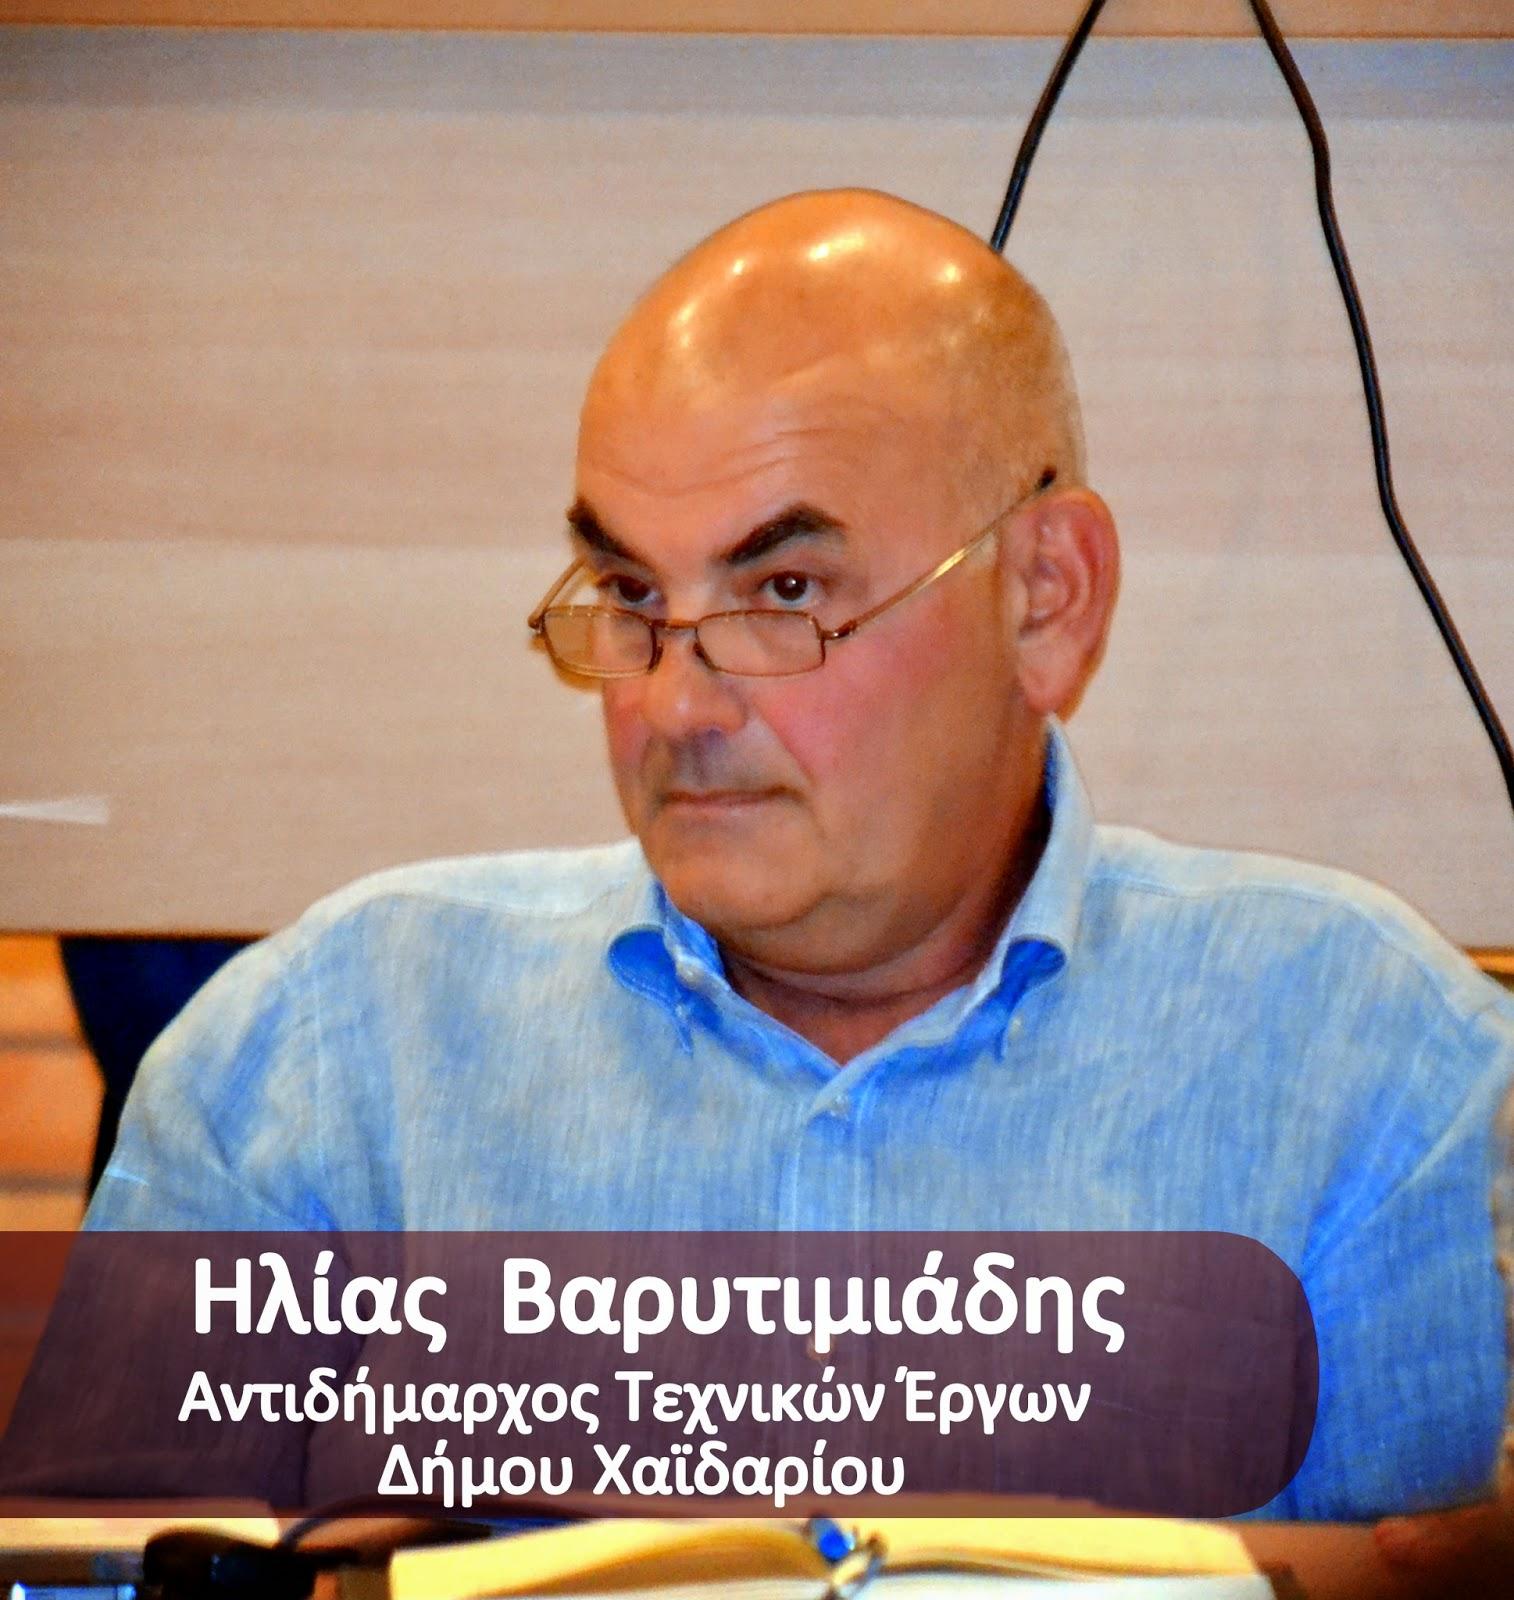 Ηλίας Βαρυτιμιάδης: σιγά σιγά θα αποκαταστήσουμε σε όλο το Χαϊδάρι ότι μικροδουλειά έχει από λακκούβες